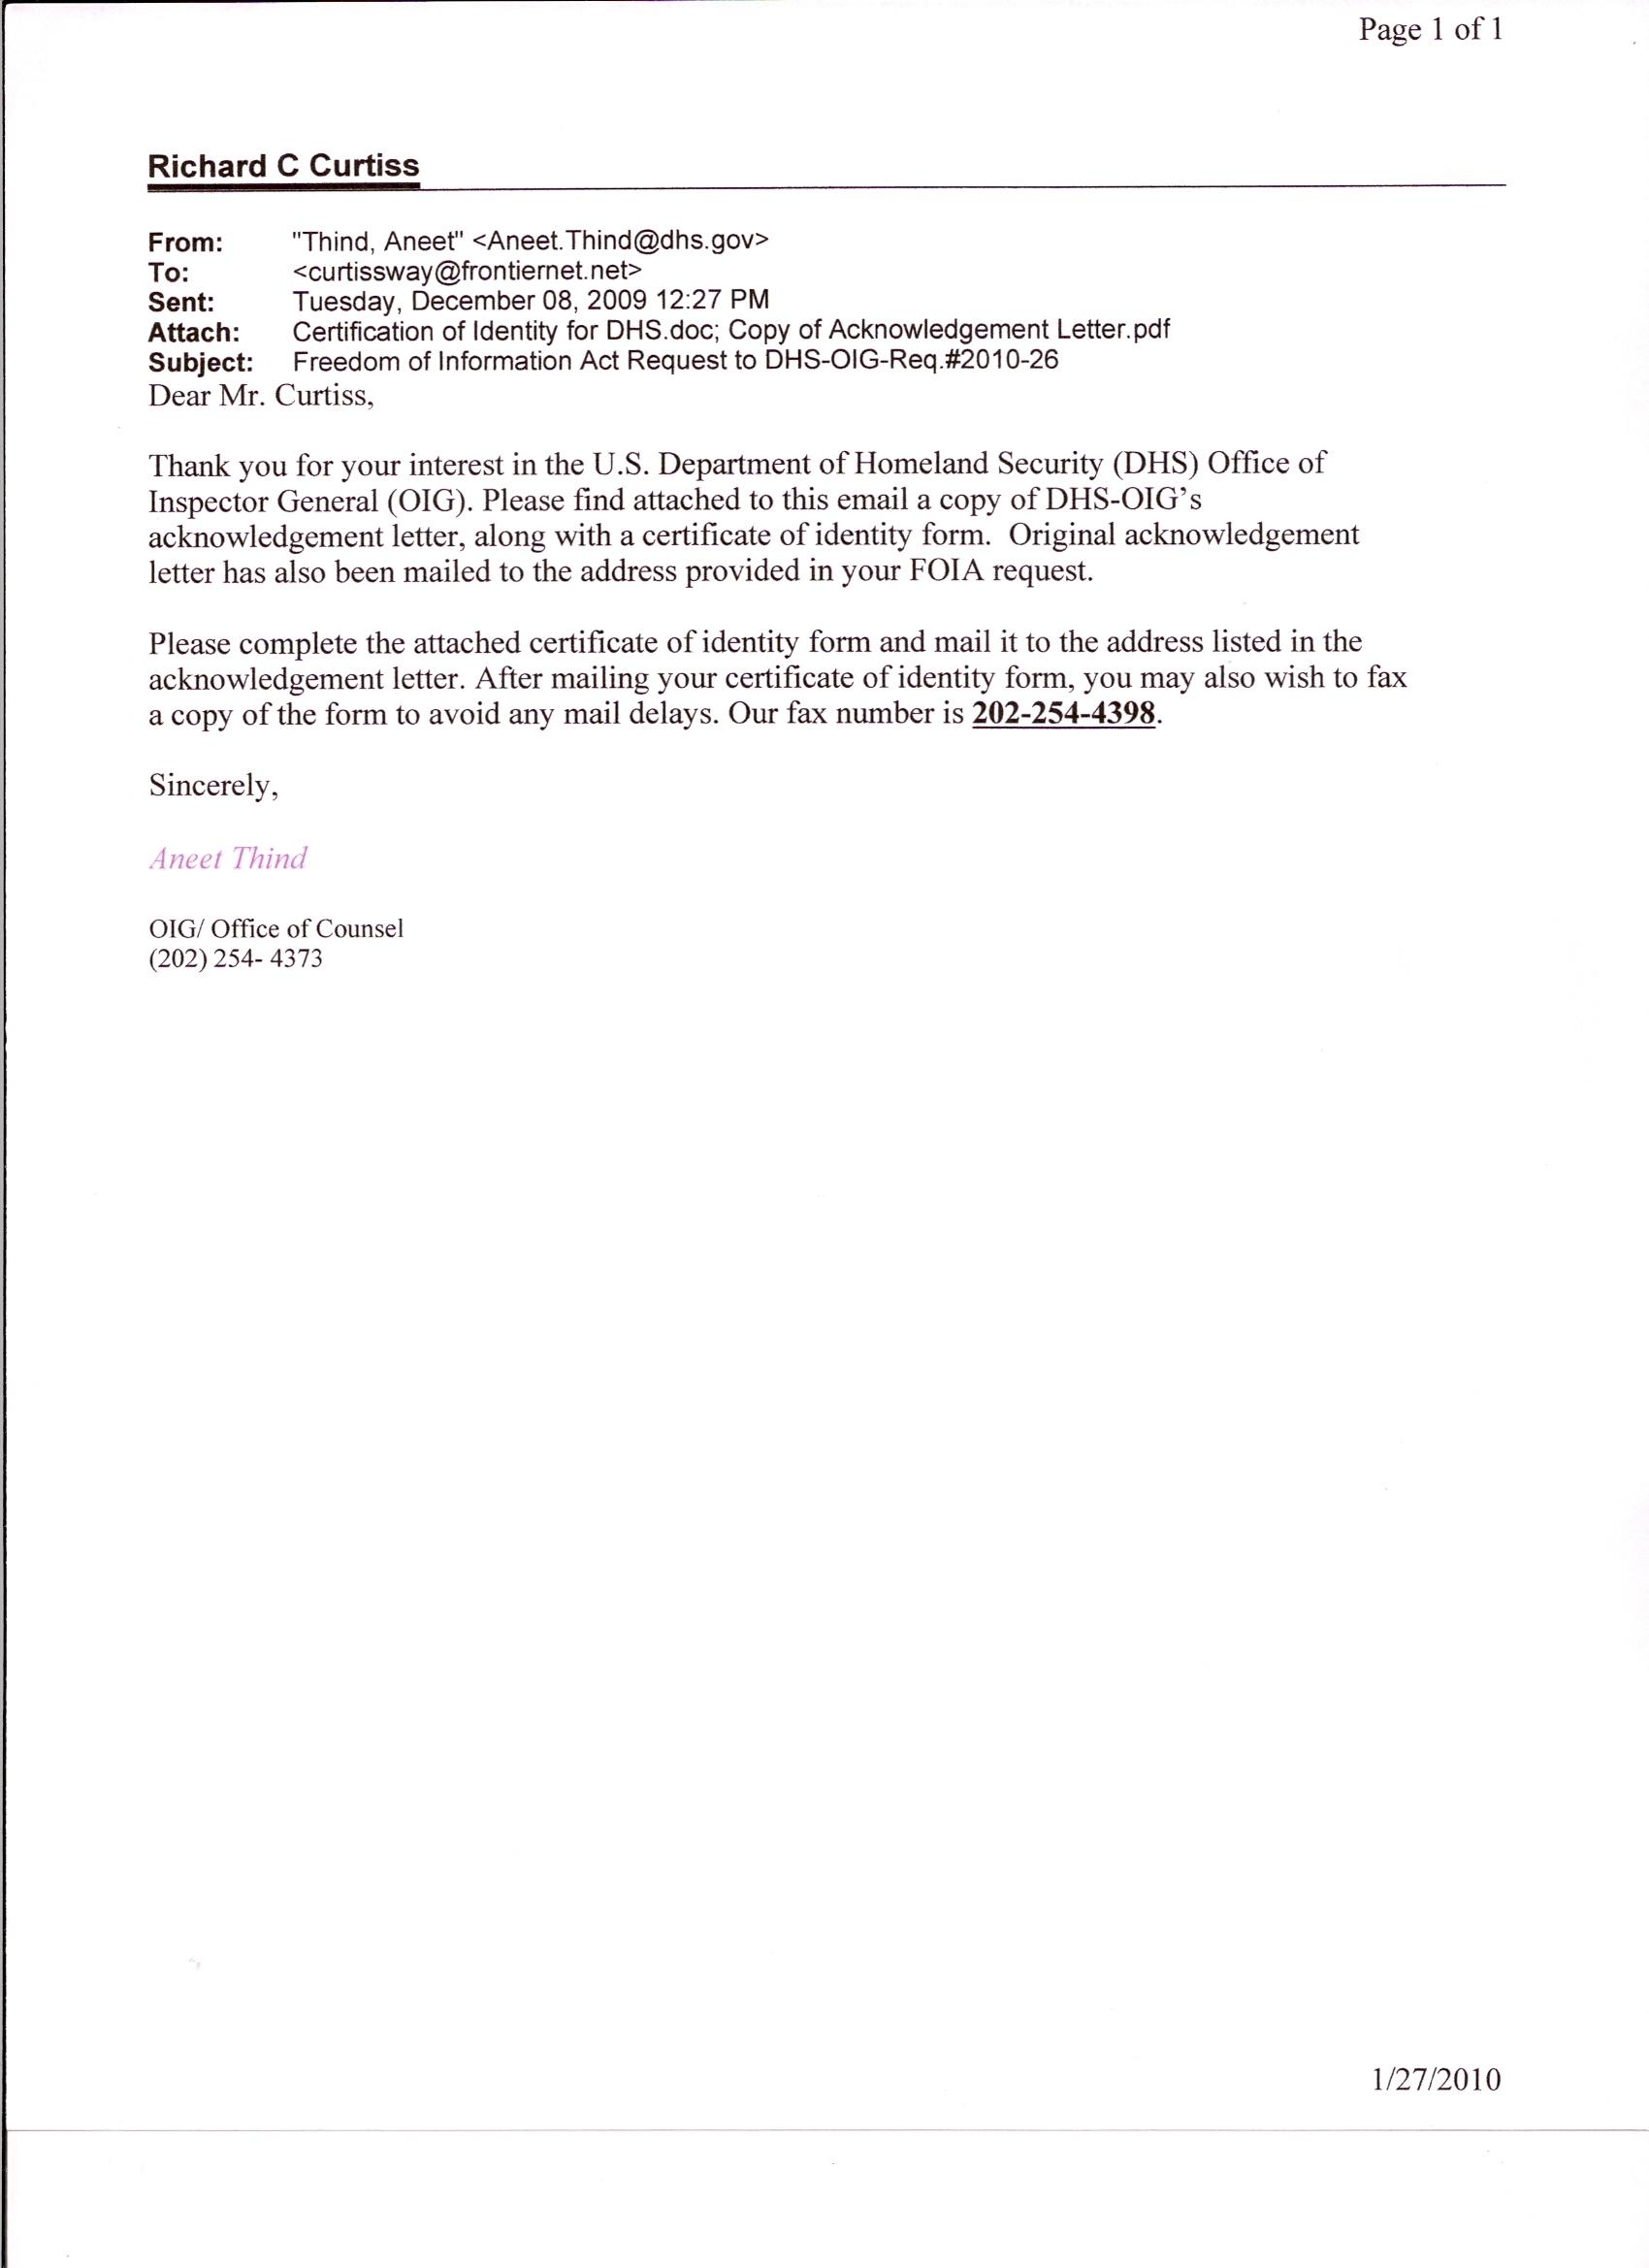 resume blaster software 28 images cv format exle doc no resume